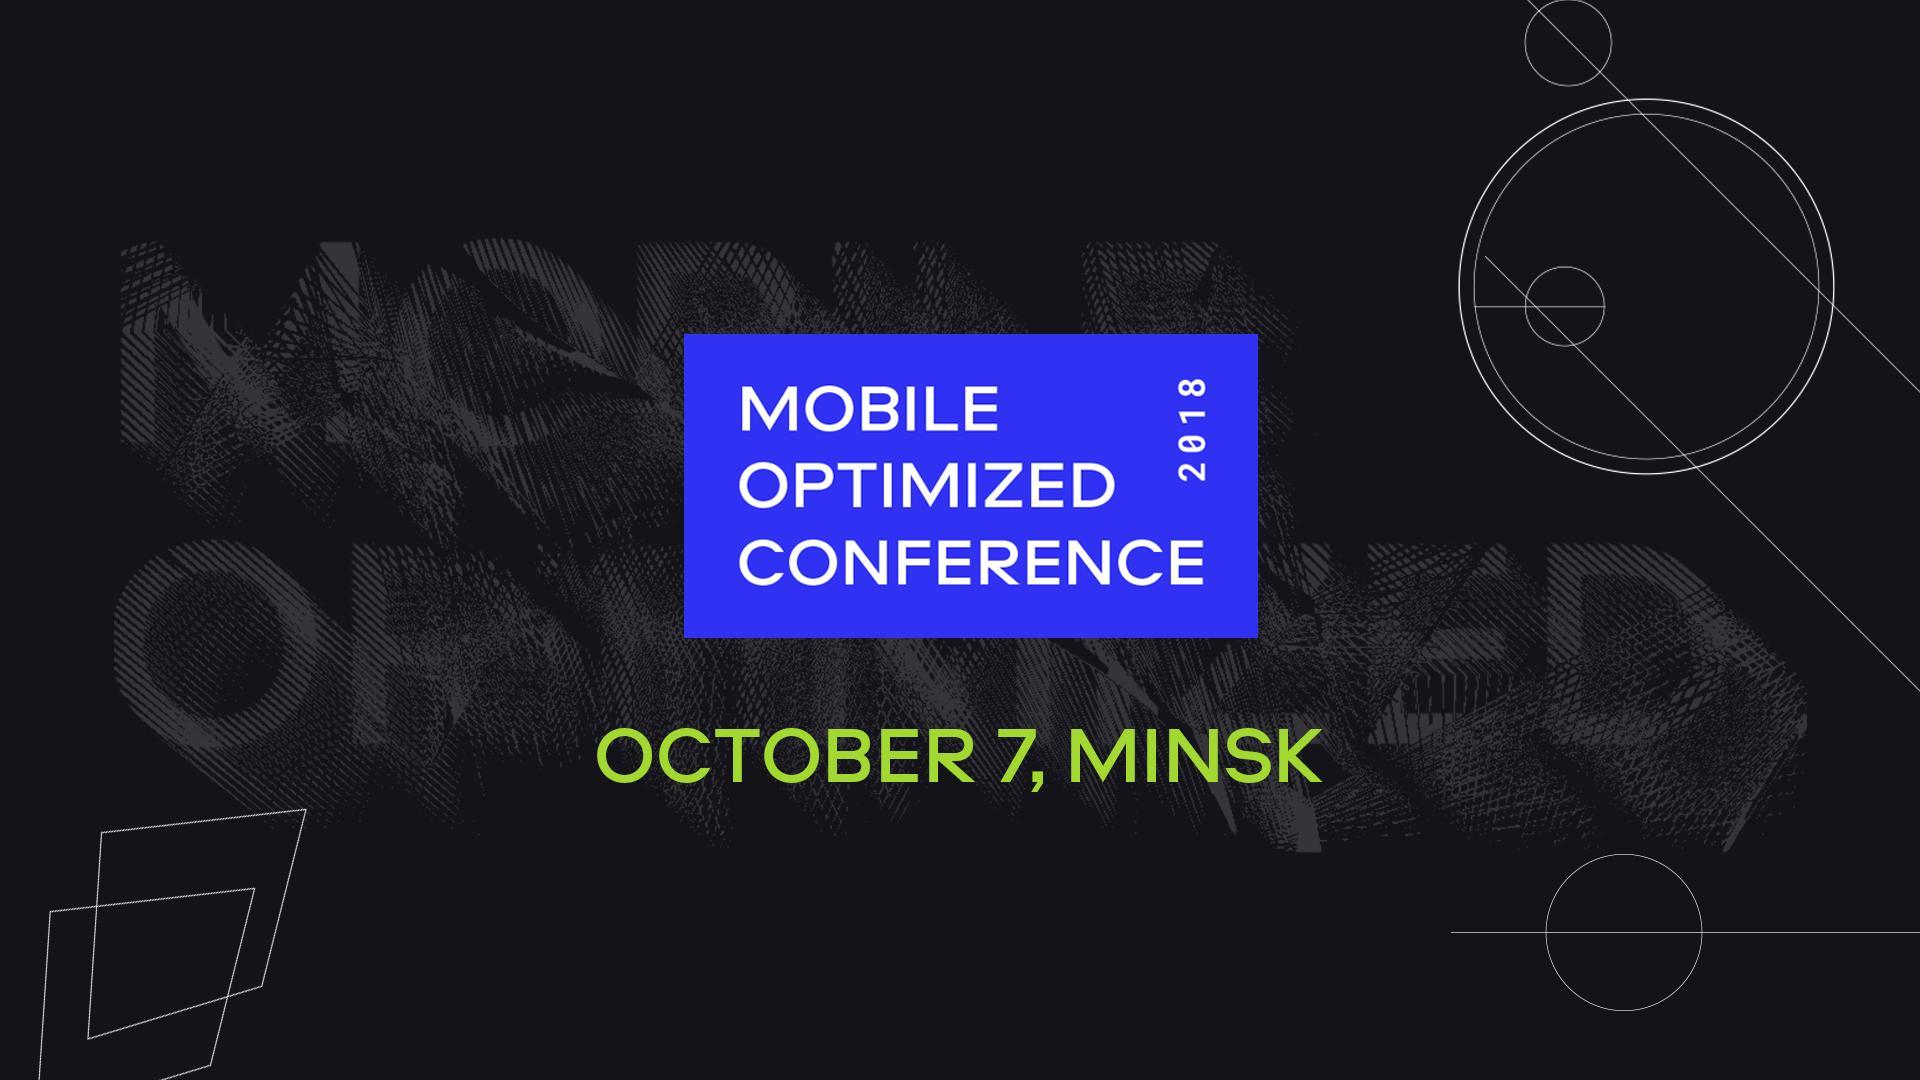 MobileOptimezed 2018 вМинске, 7 октября